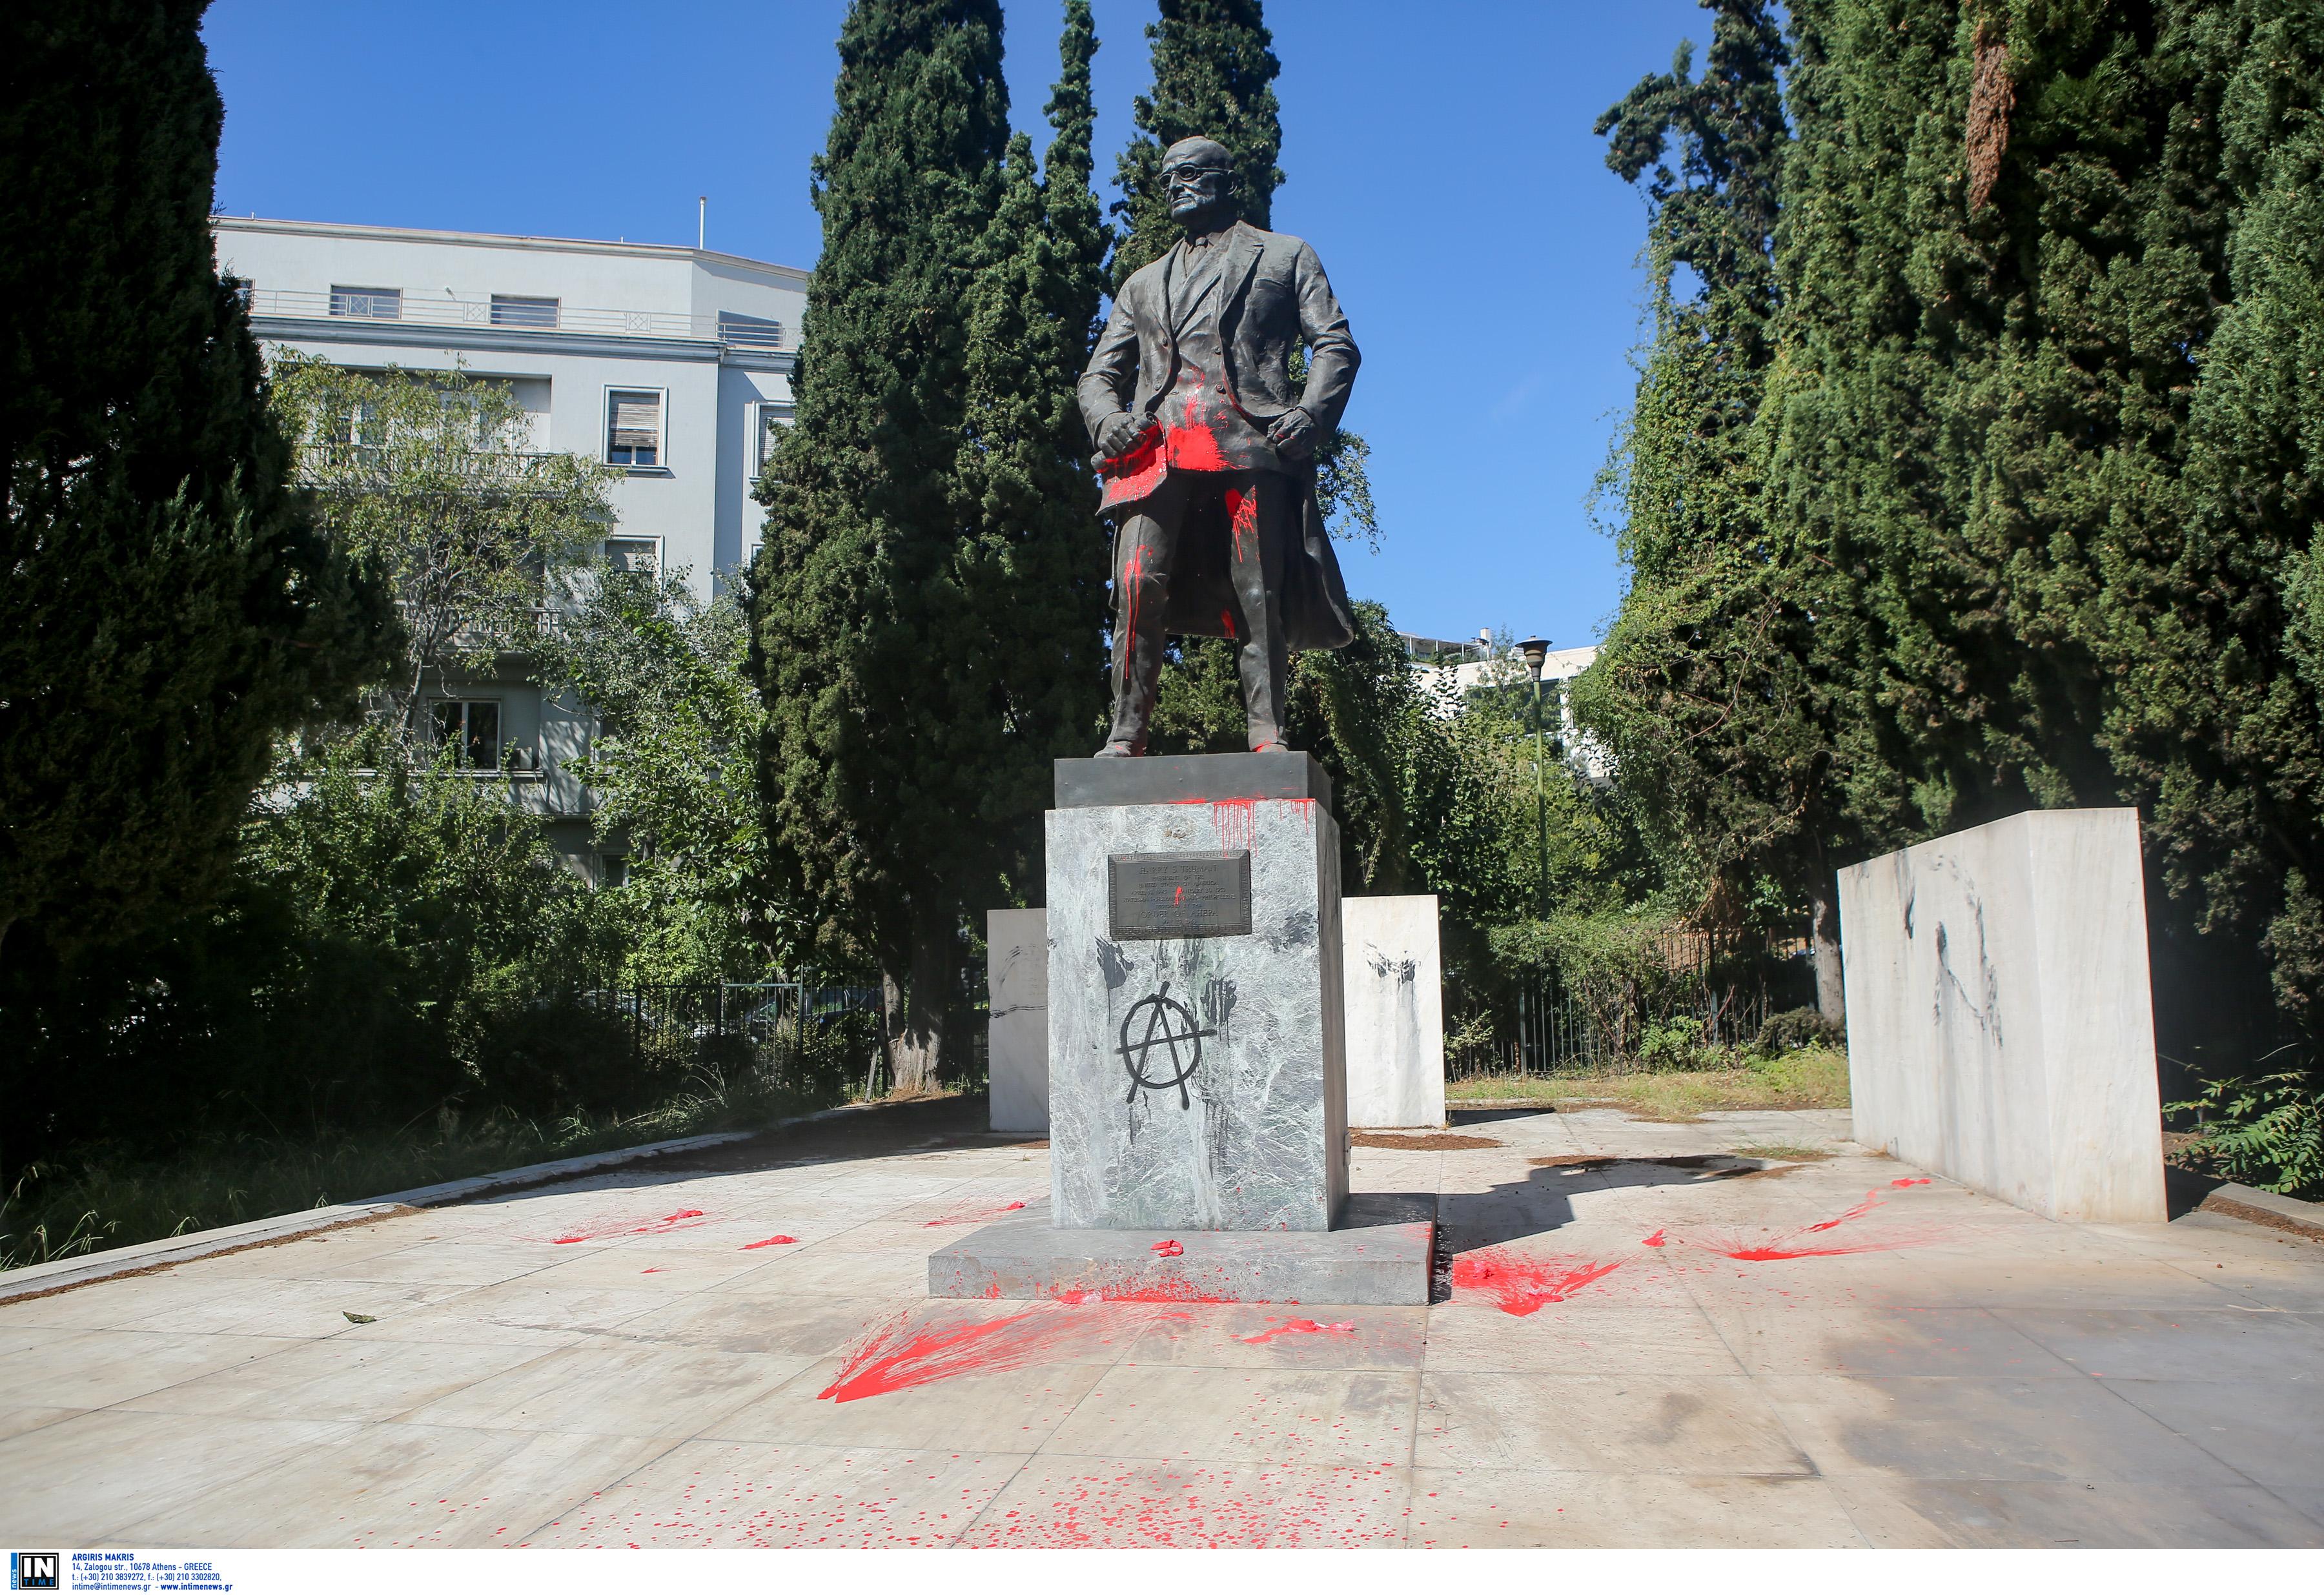 Διαδηλωτές πέταξαν κόκκινη μπογιά στο άγαλμα του Τρούμαν